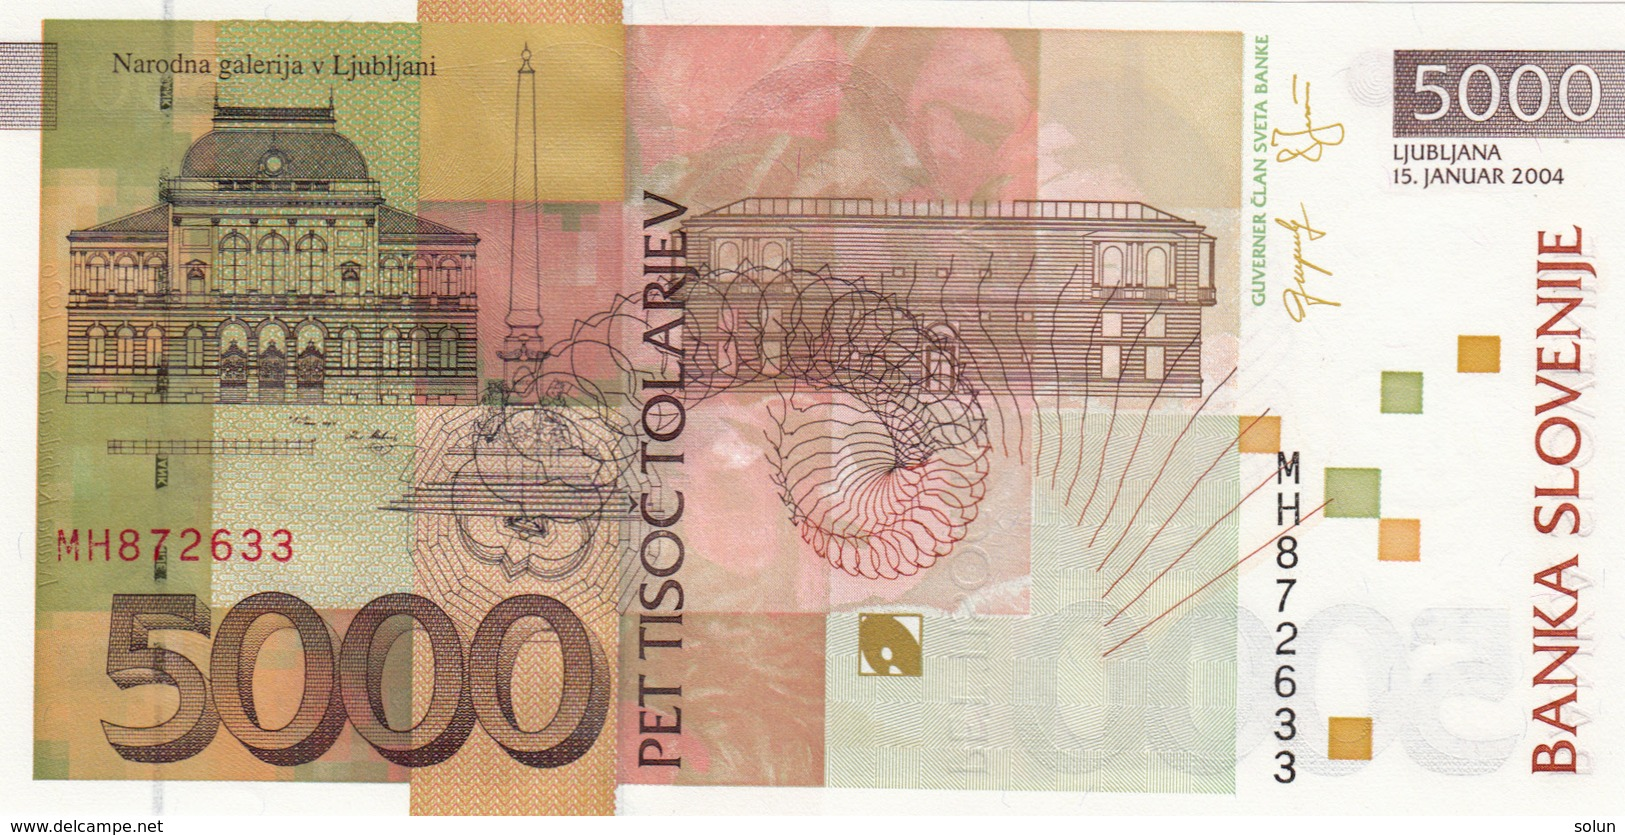 5000 TOLAR TOLARJEV 15.JANUAR 2004 BANKNOTE - Slovénie